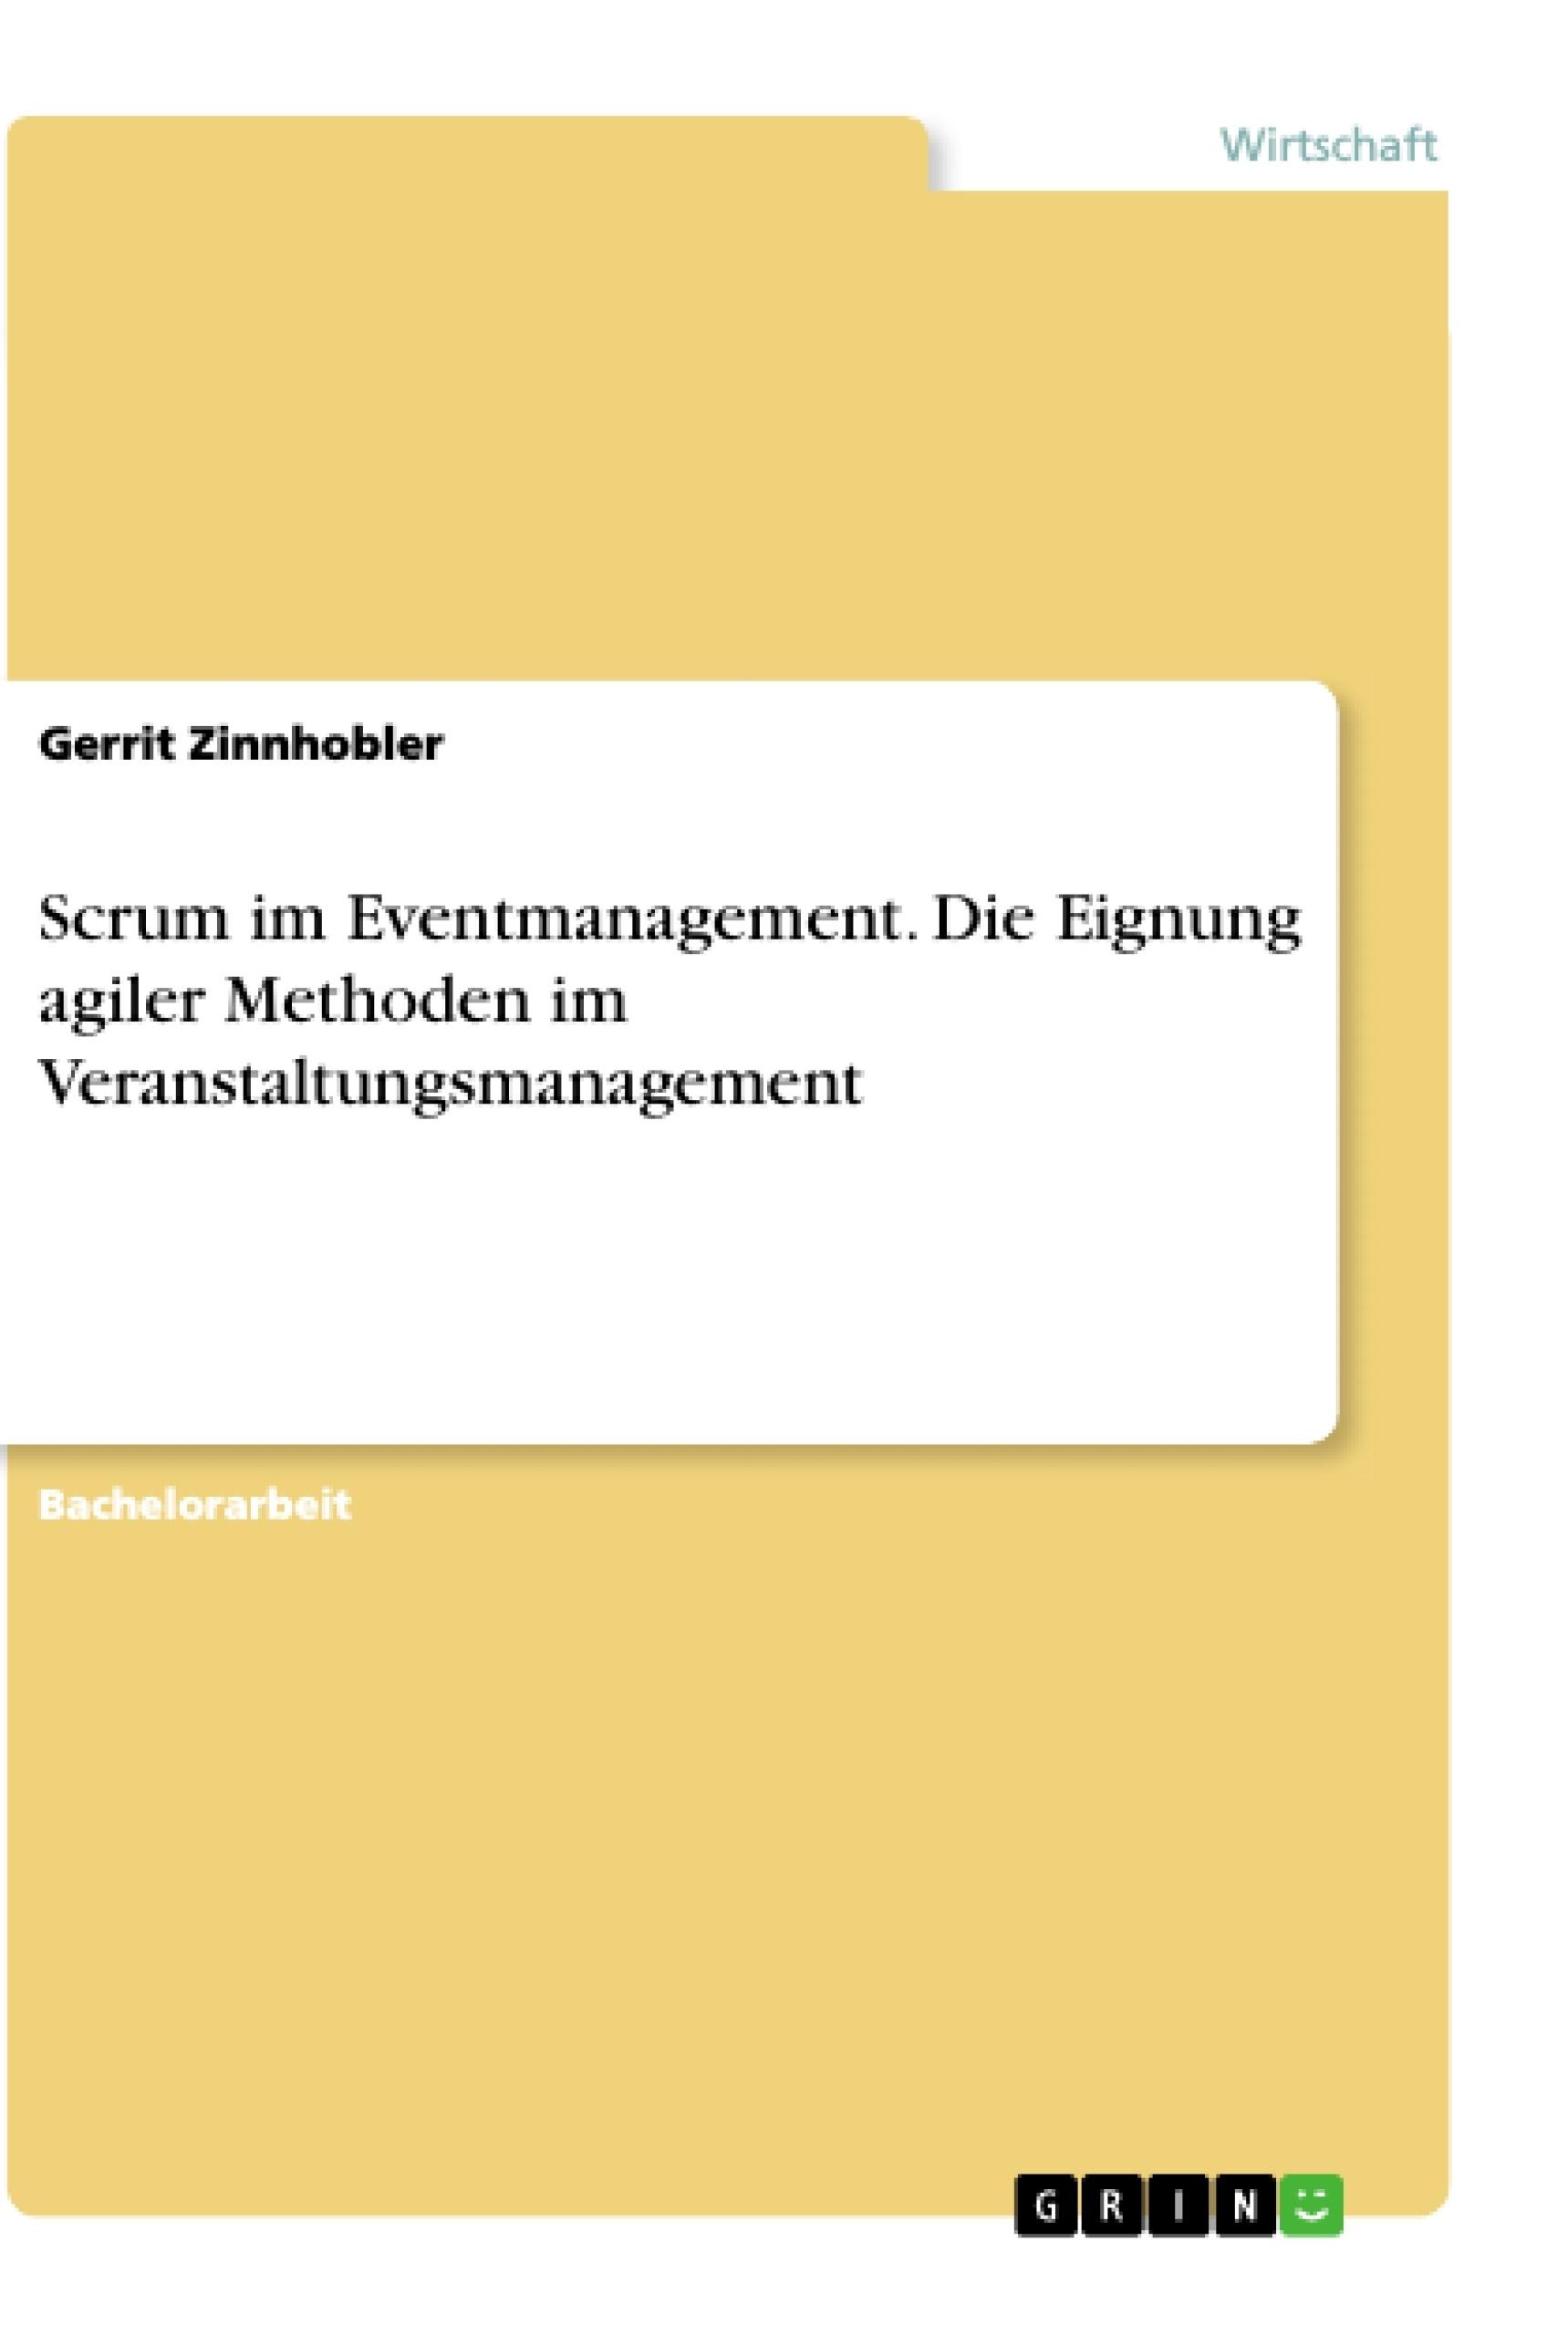 Titel: Scrum im Eventmanagement. Die Eignung agiler Methoden im Veranstaltungsmanagement